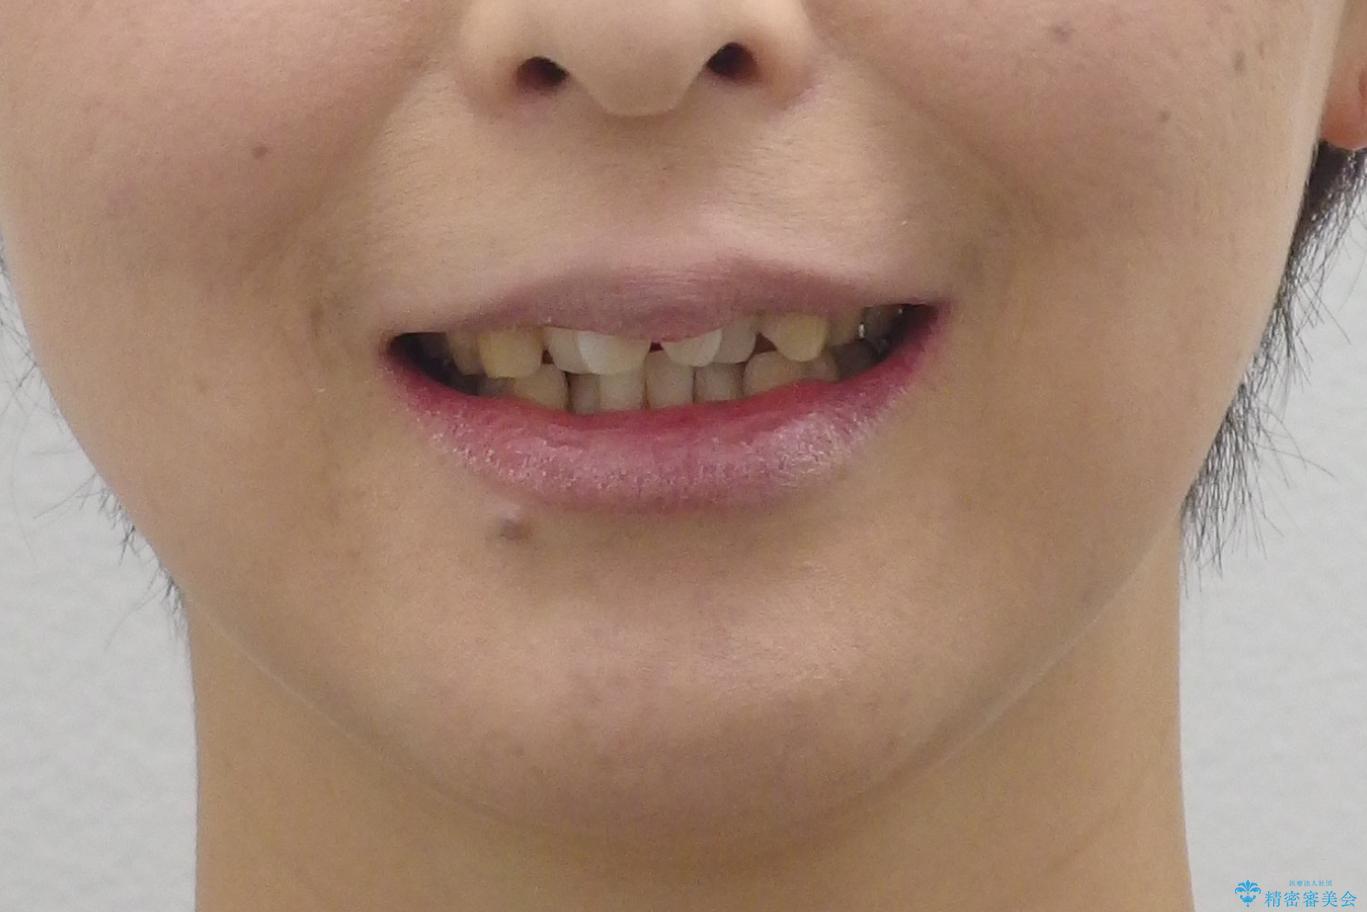 40代の矯正 出っ歯、歯のがたがたの治療前(顔貌)